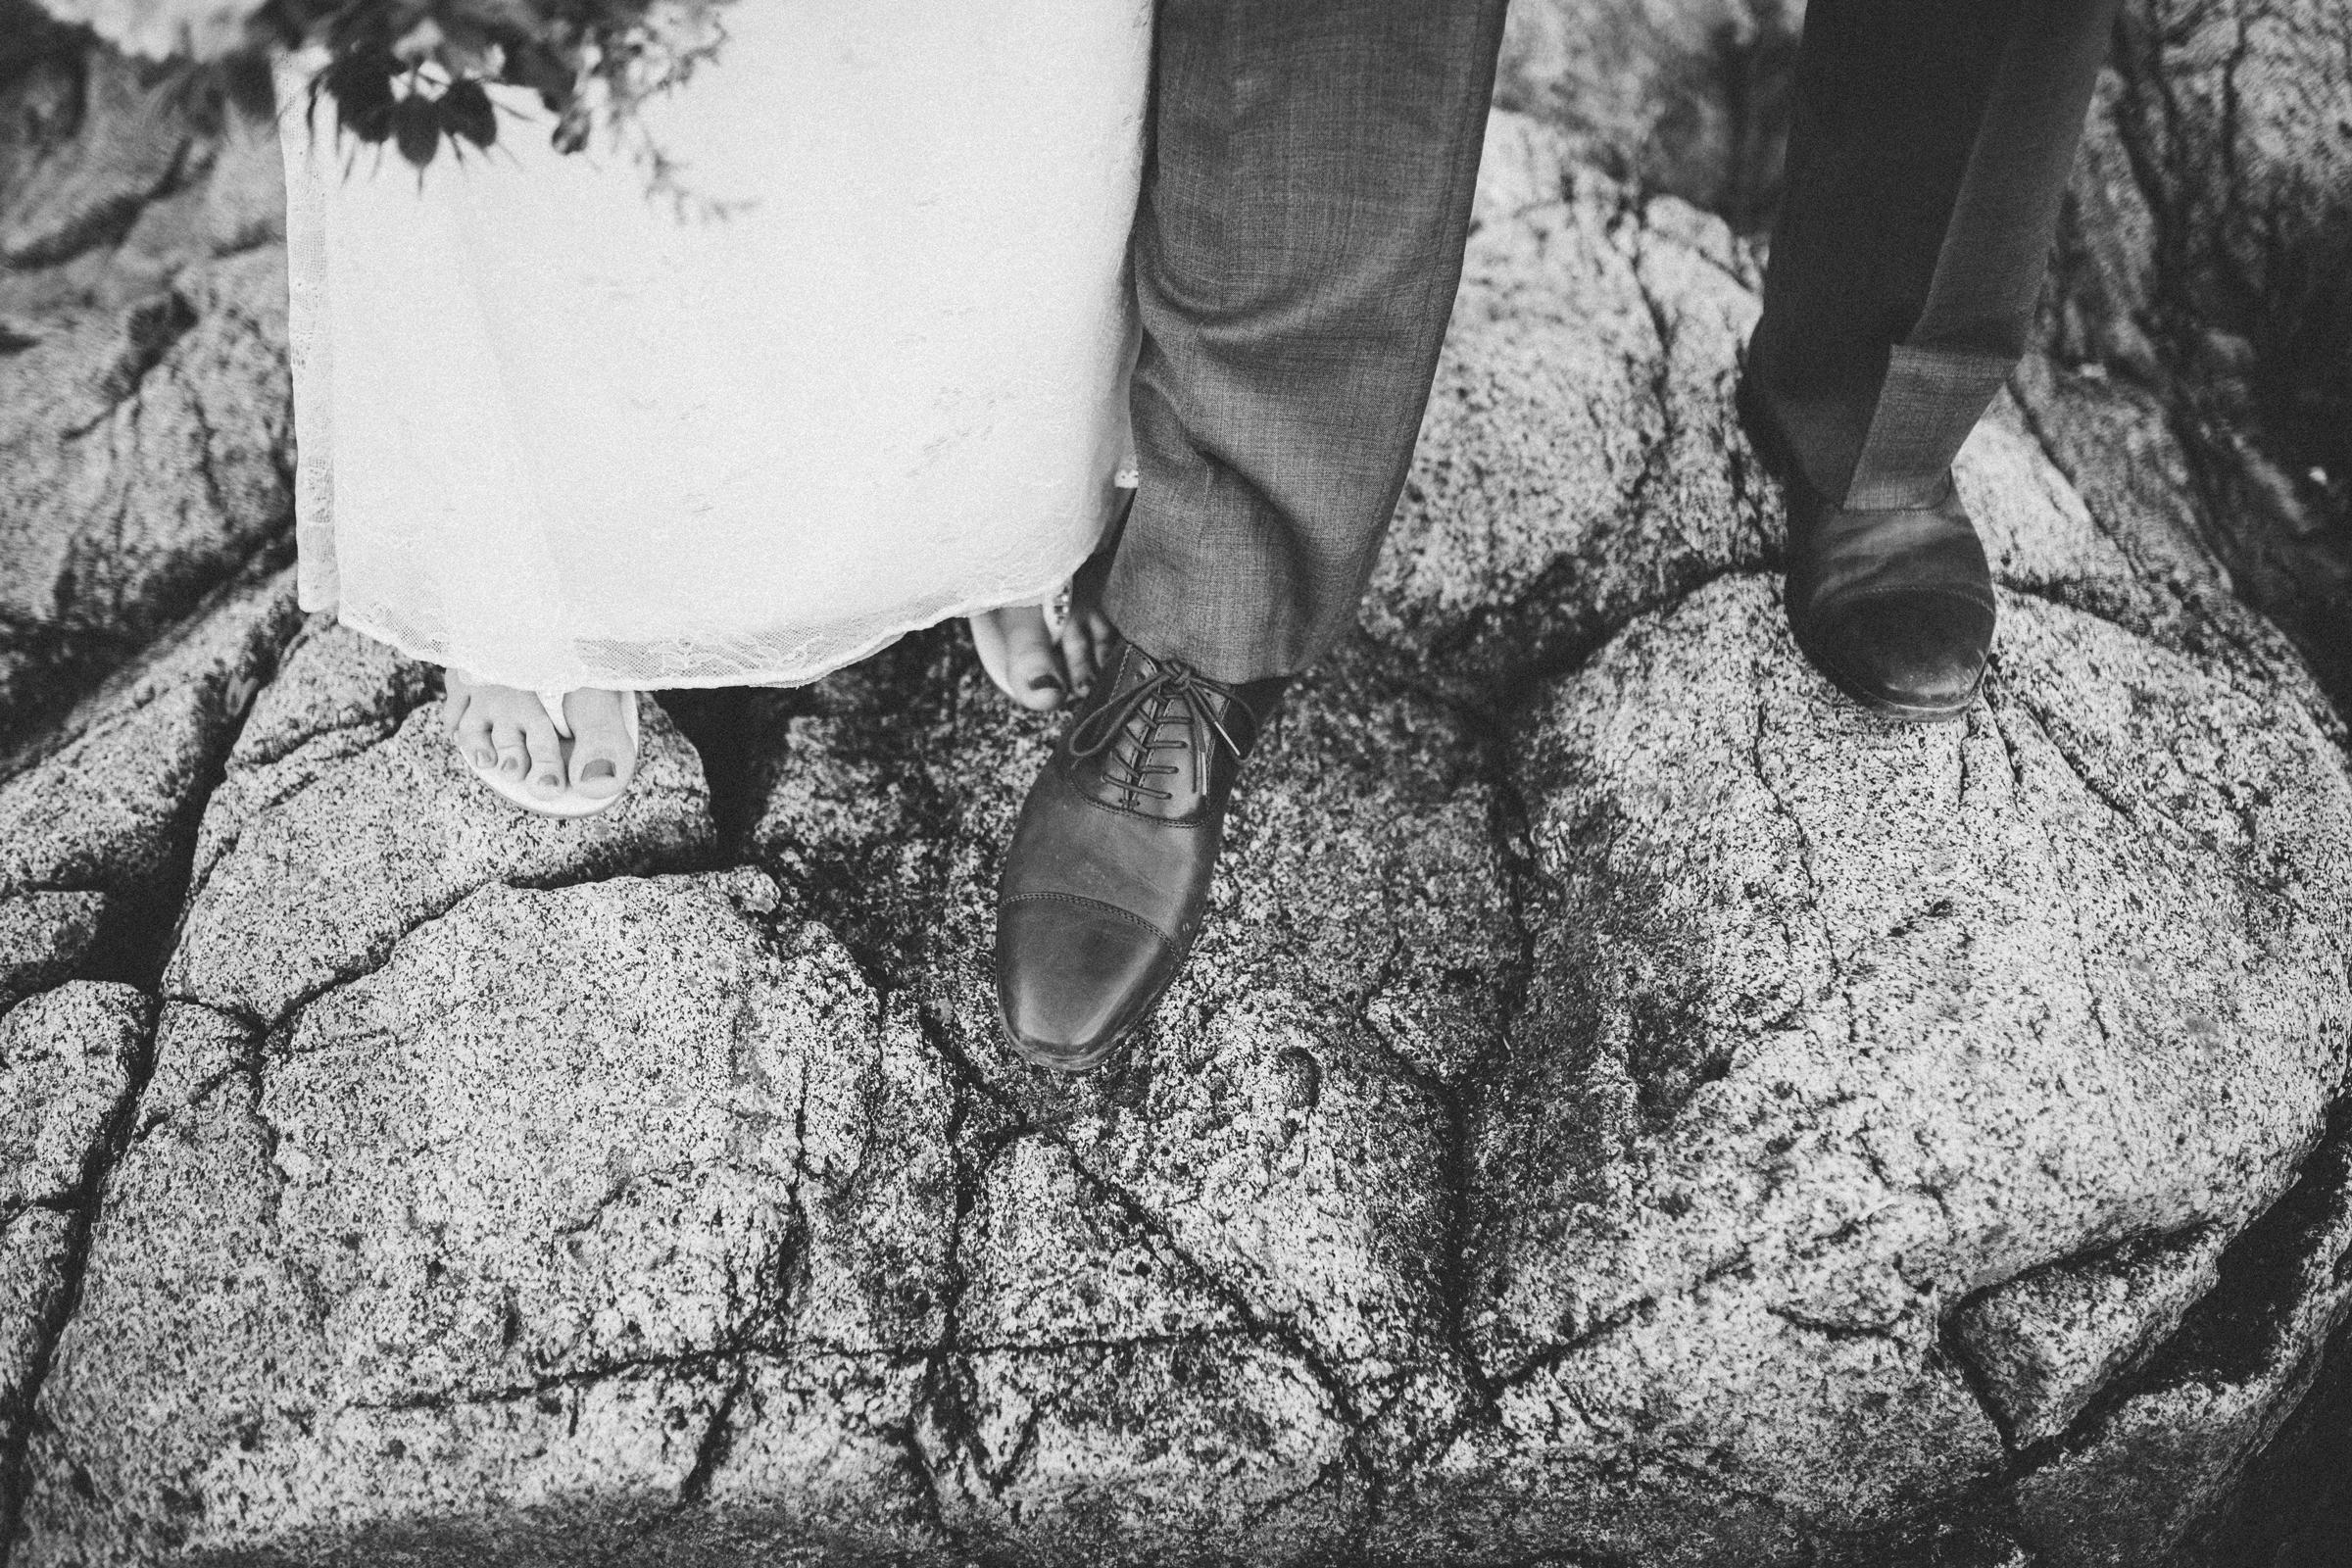 IMG_1743--SUNSHINE-COAST-WEDDING-PHOTOGRAPHER-JENNIFER-PICARD-PHOTOGRAPHY.jpg